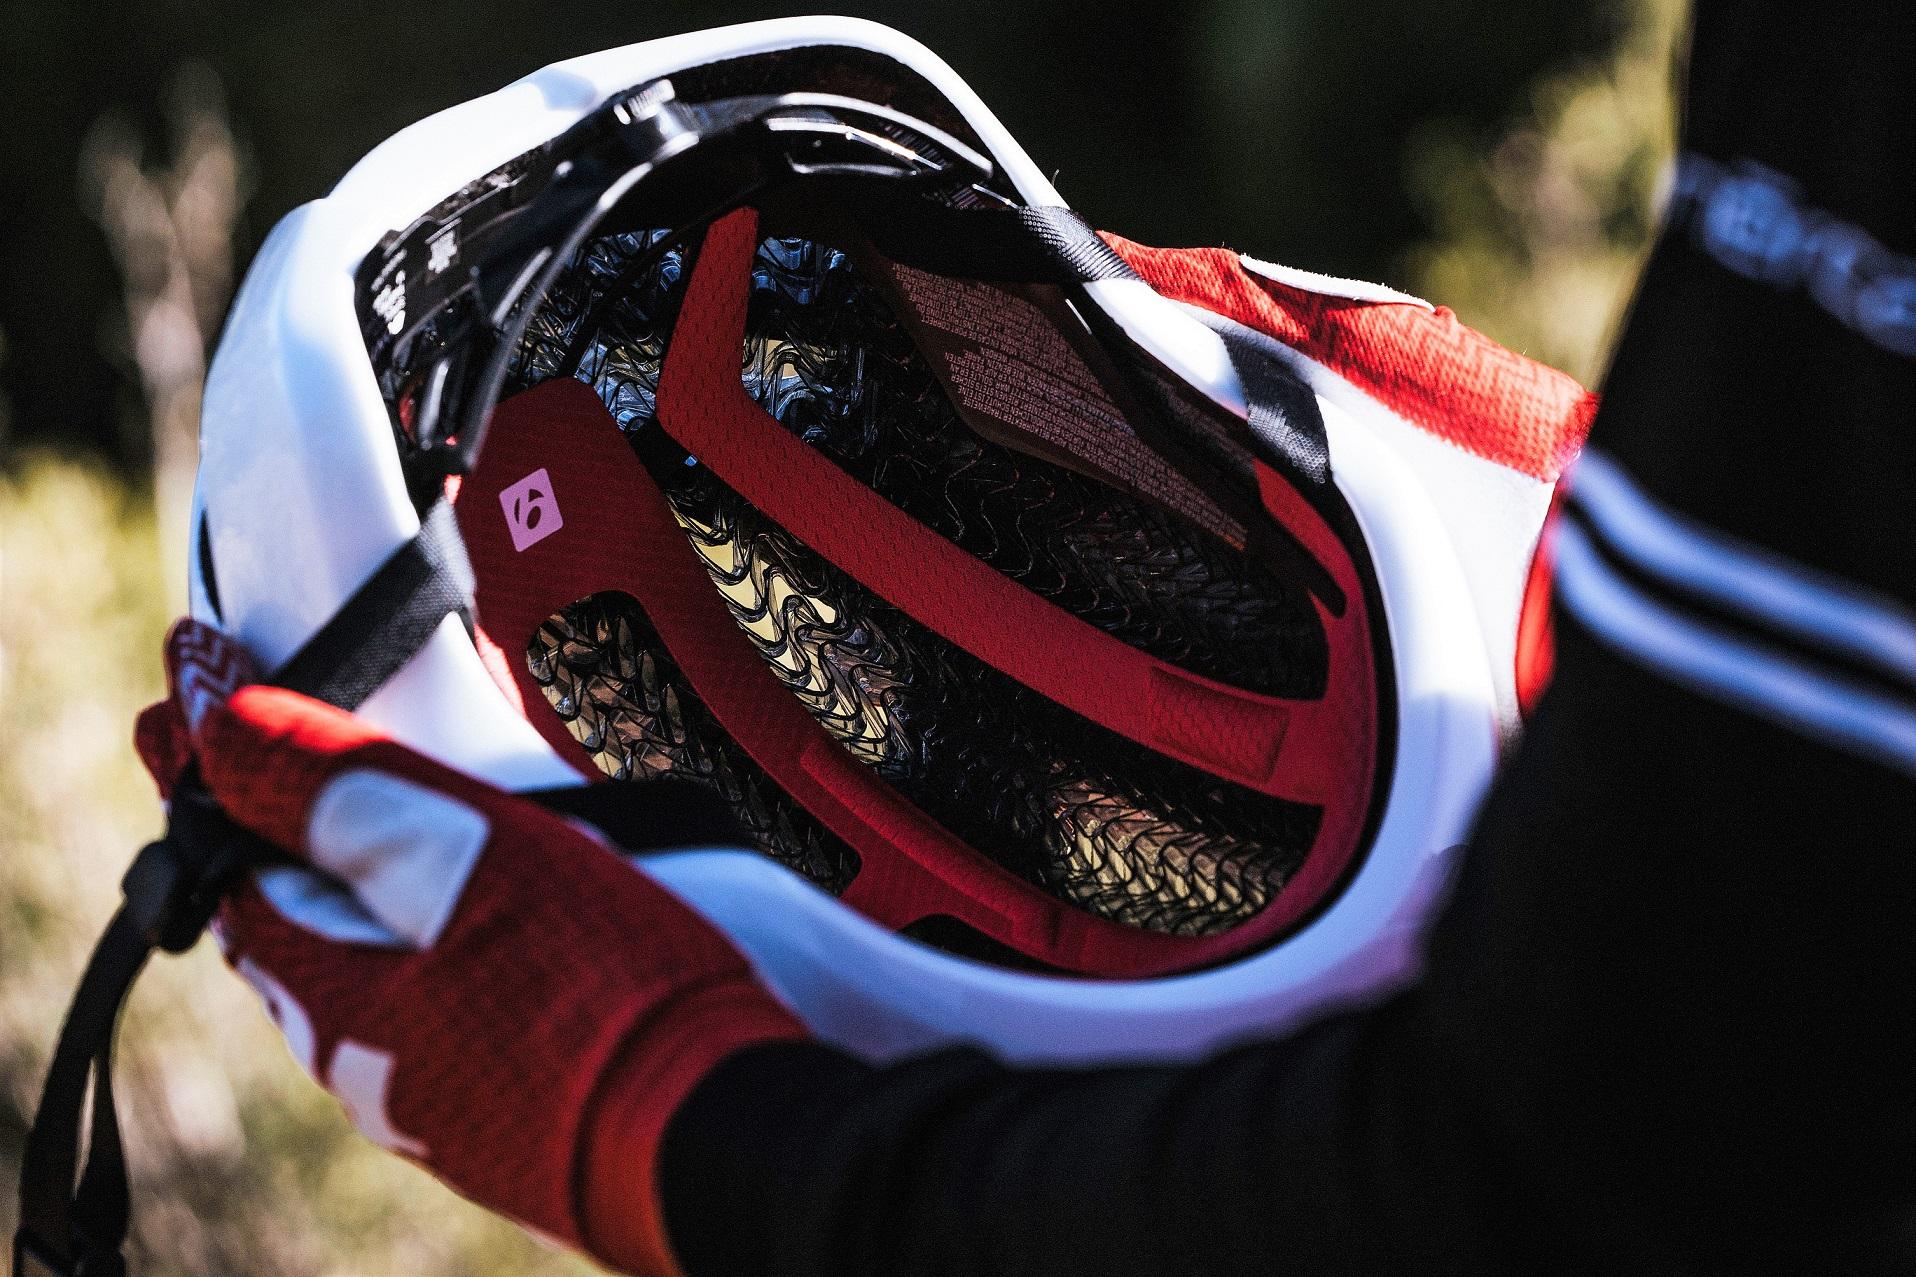 スポーツ自転車ショップ  「ブレンダ」の公式ブログです。  入荷情報やスポーツ自転車のイベント、  日常の出来事等を更新しています。